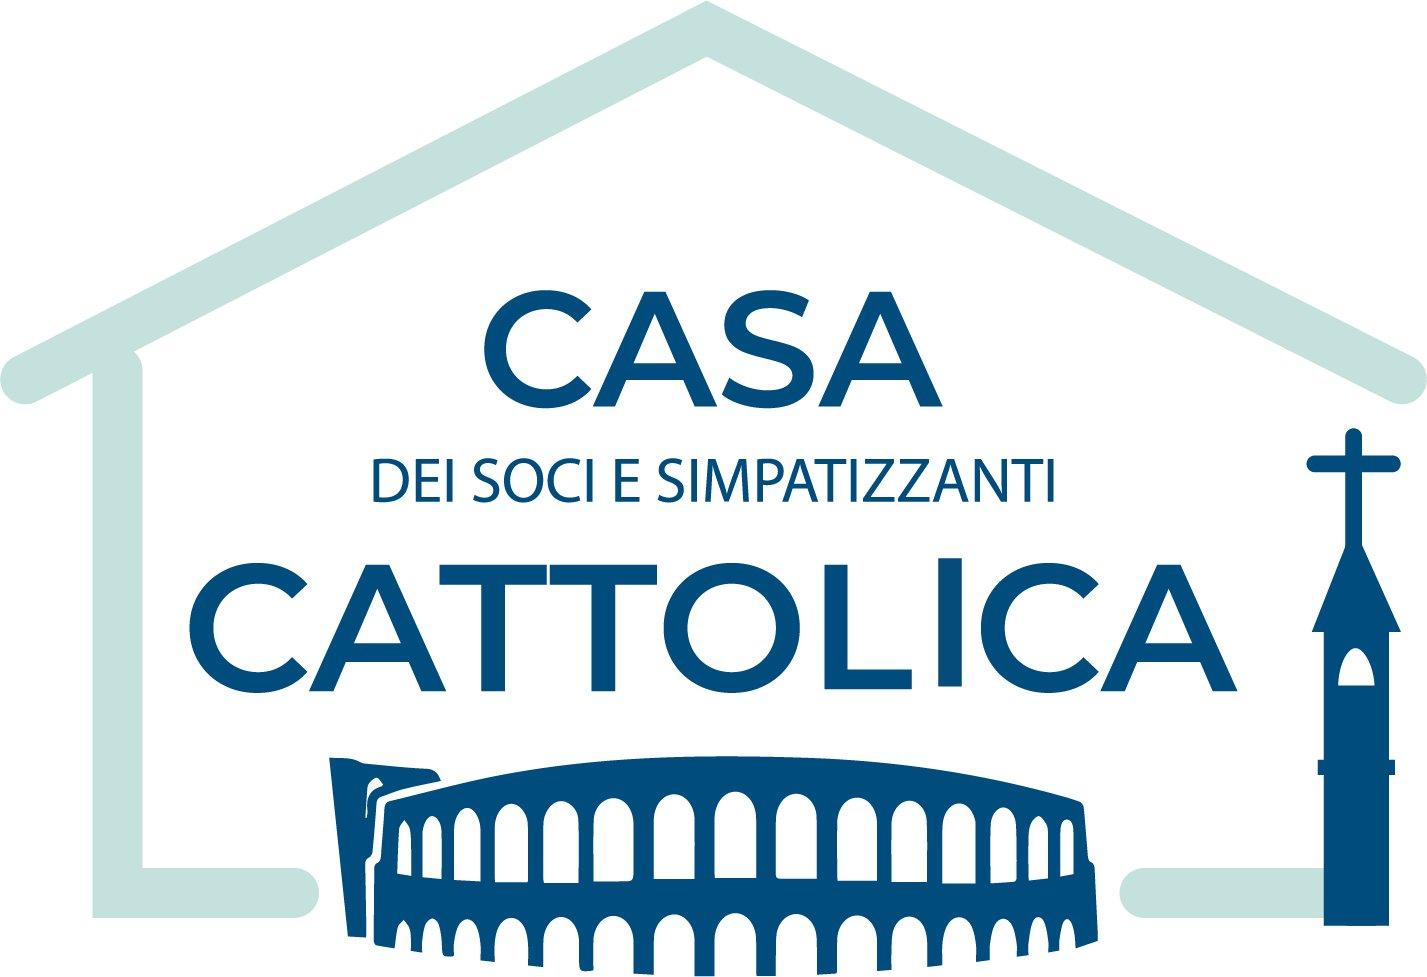 Insieme per Cattolica Assicurazioni